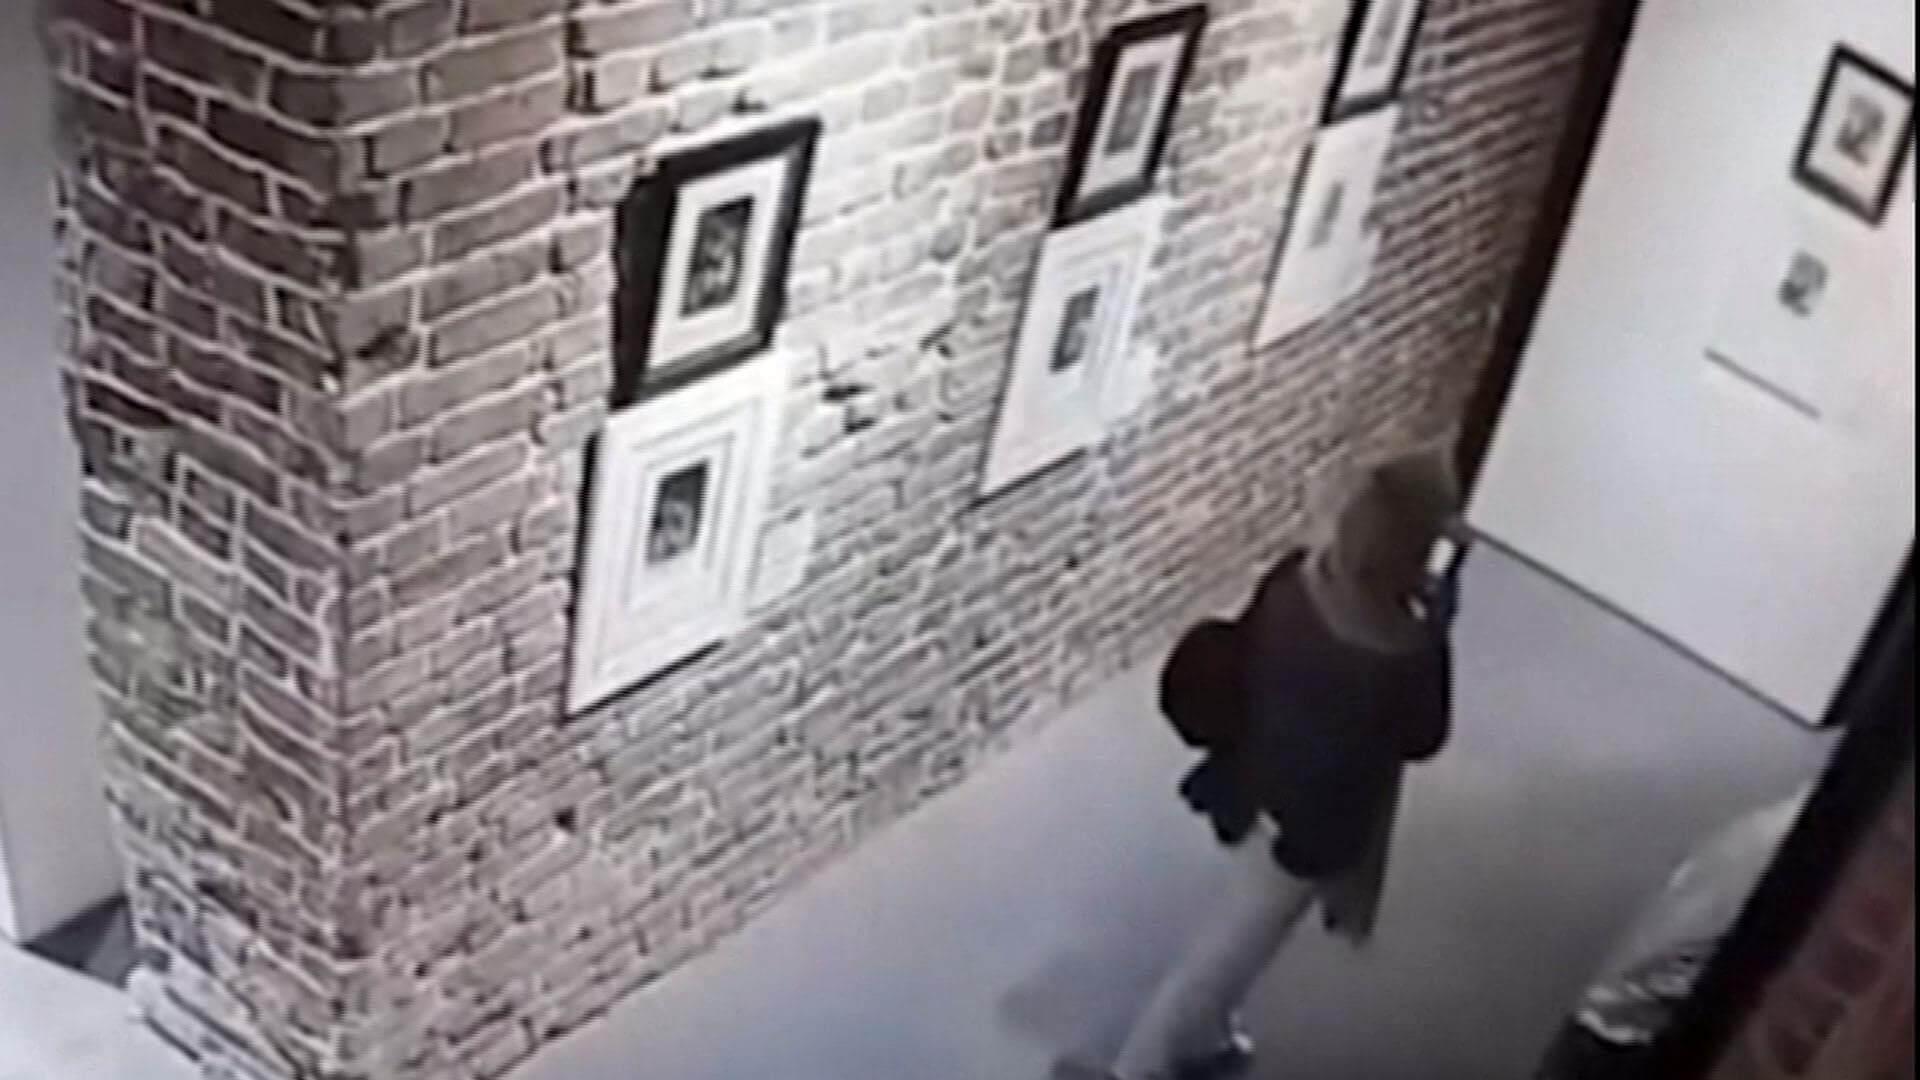 VIDEO: Por culpa de una selfie, un grupo de mujeres arruinaron obras de Dalí y Goya